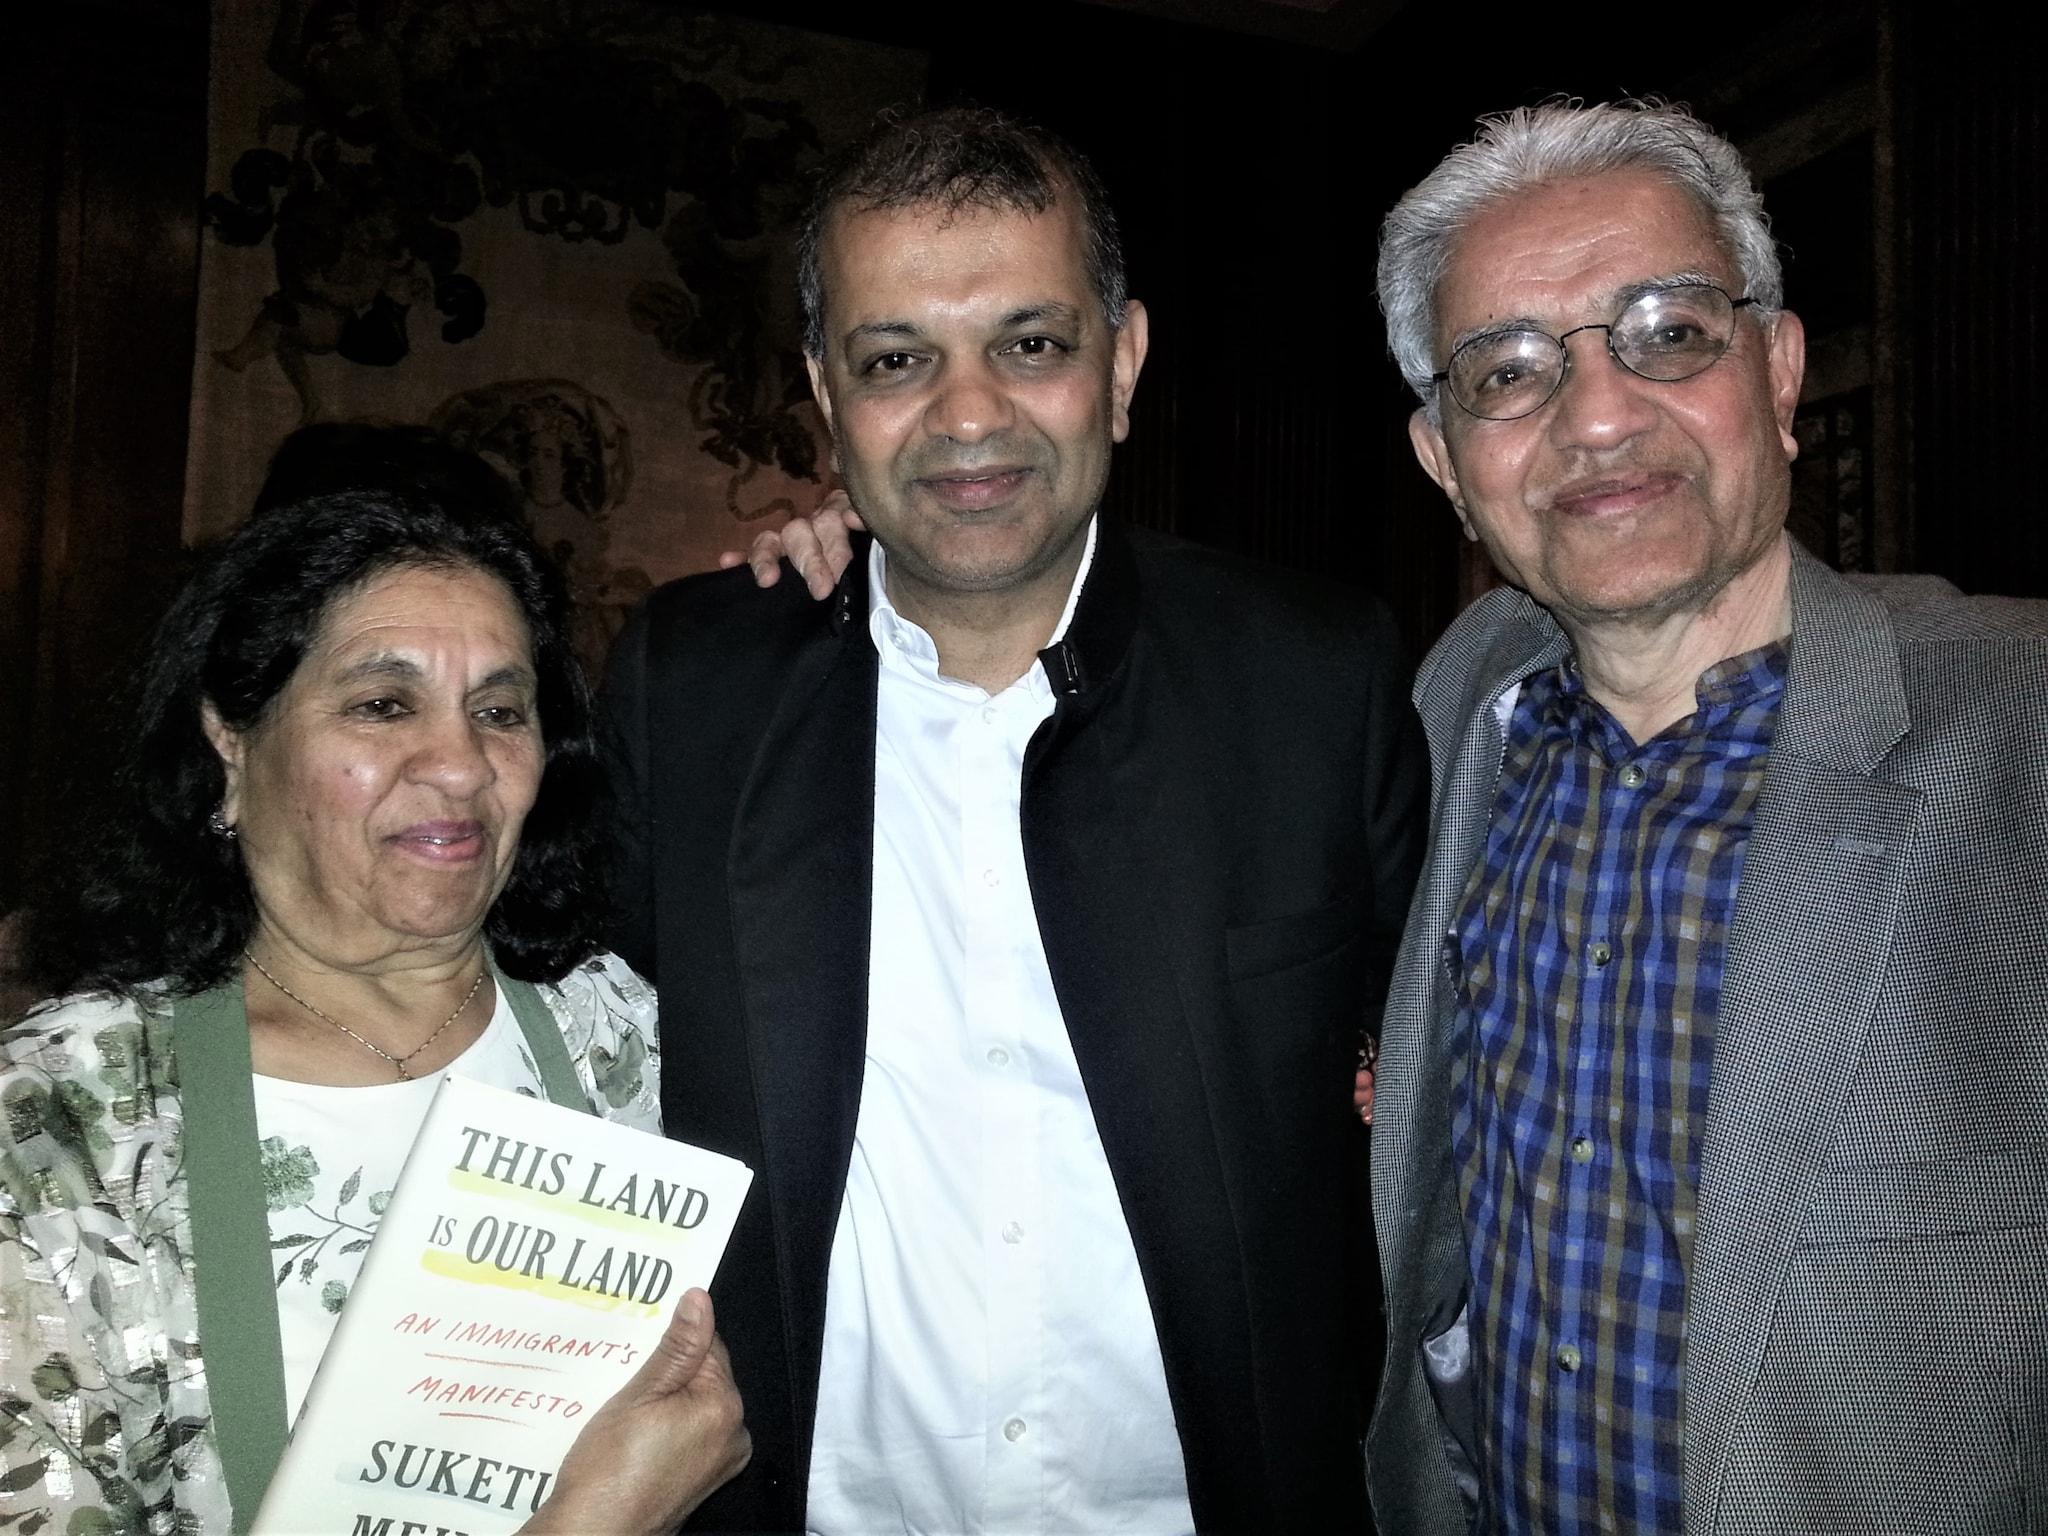 Suketu Mehta with his parents Usha and Ramesh Mehta - Photo credit Lavina Melwani